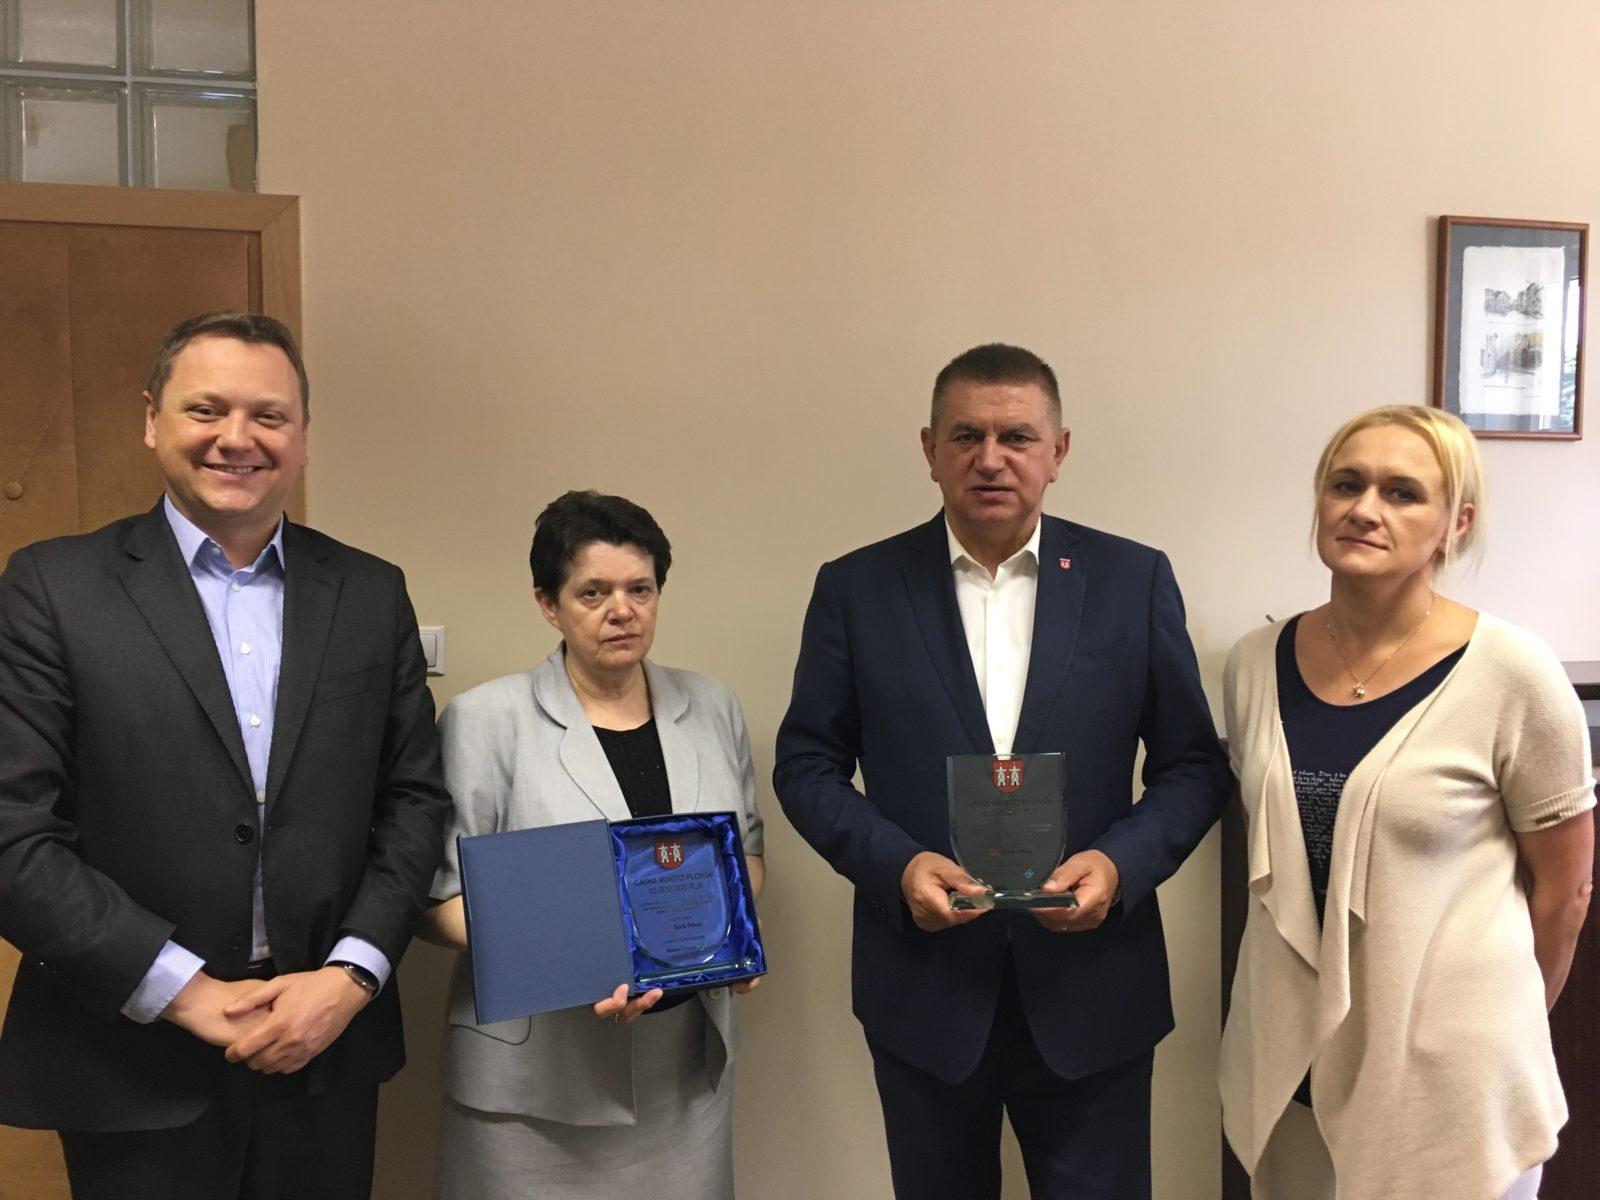 Trzecia emisja obligacji dla Miasta Płońska na 10 mln zł